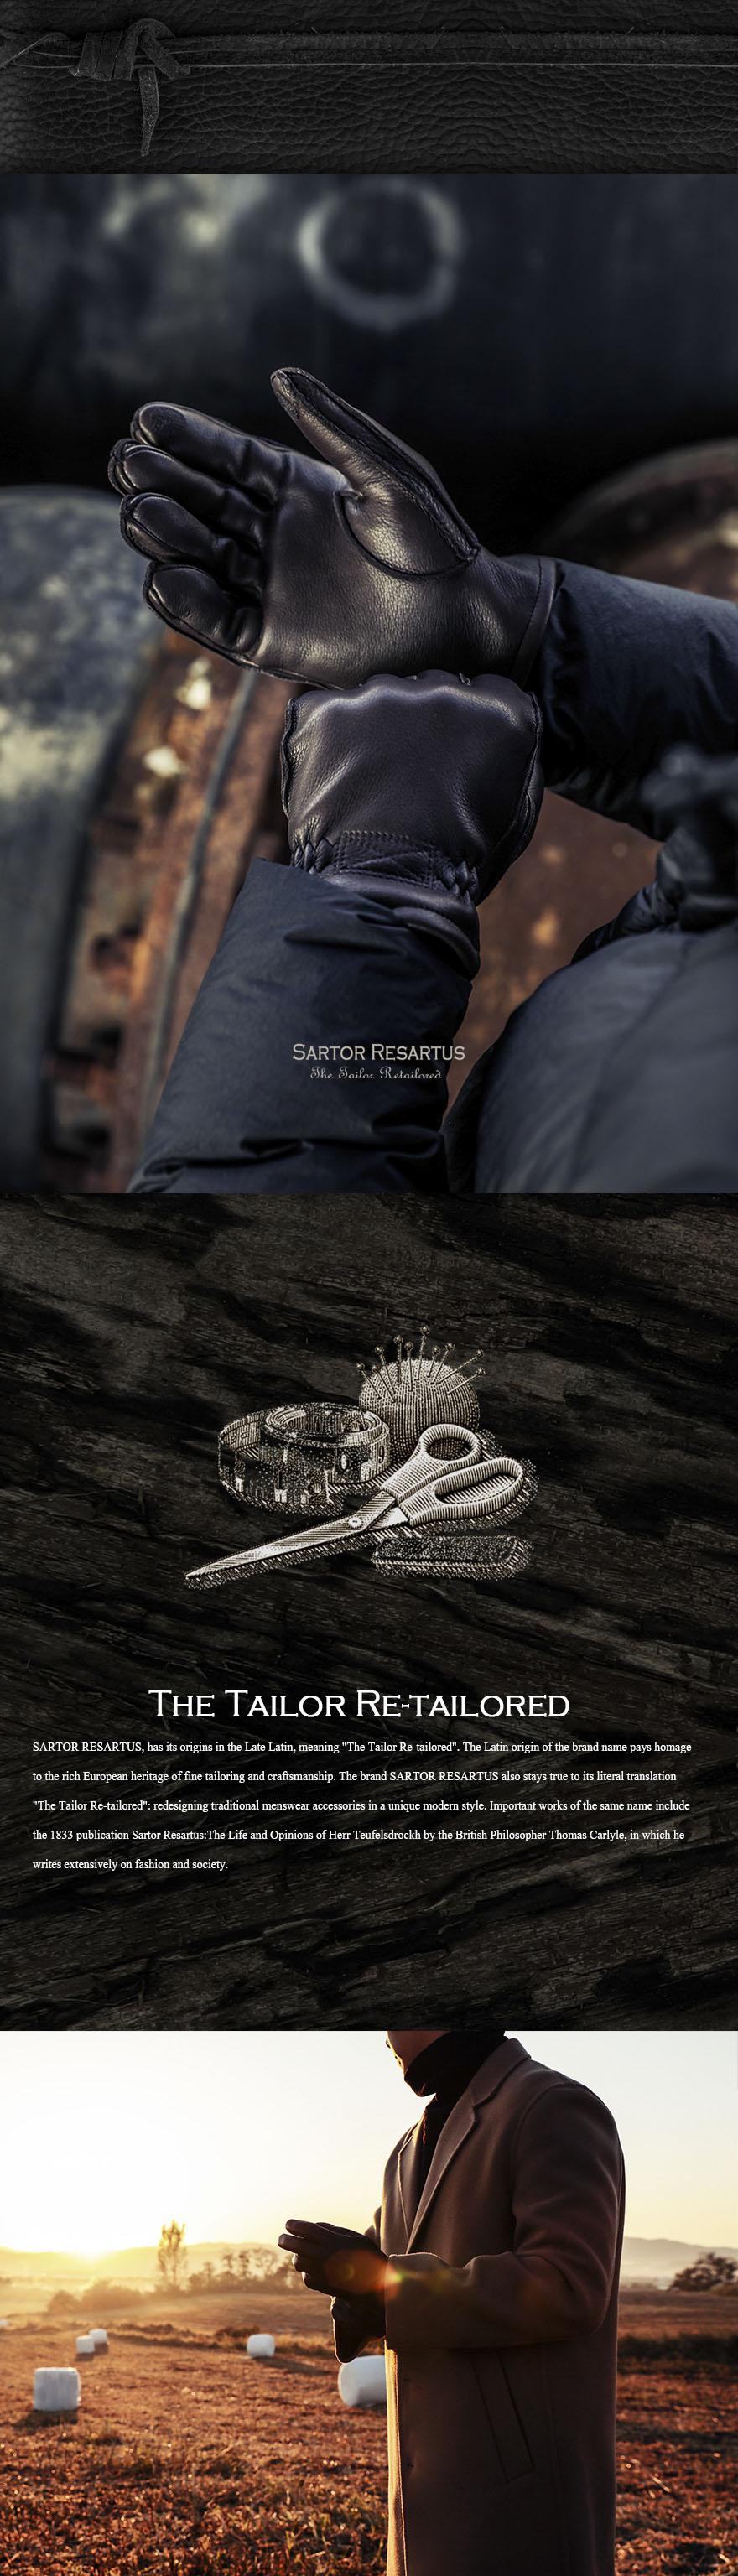 사르토르 리사르투스(SARTOR RESARTUS) 콜트 가죽장갑 블랙